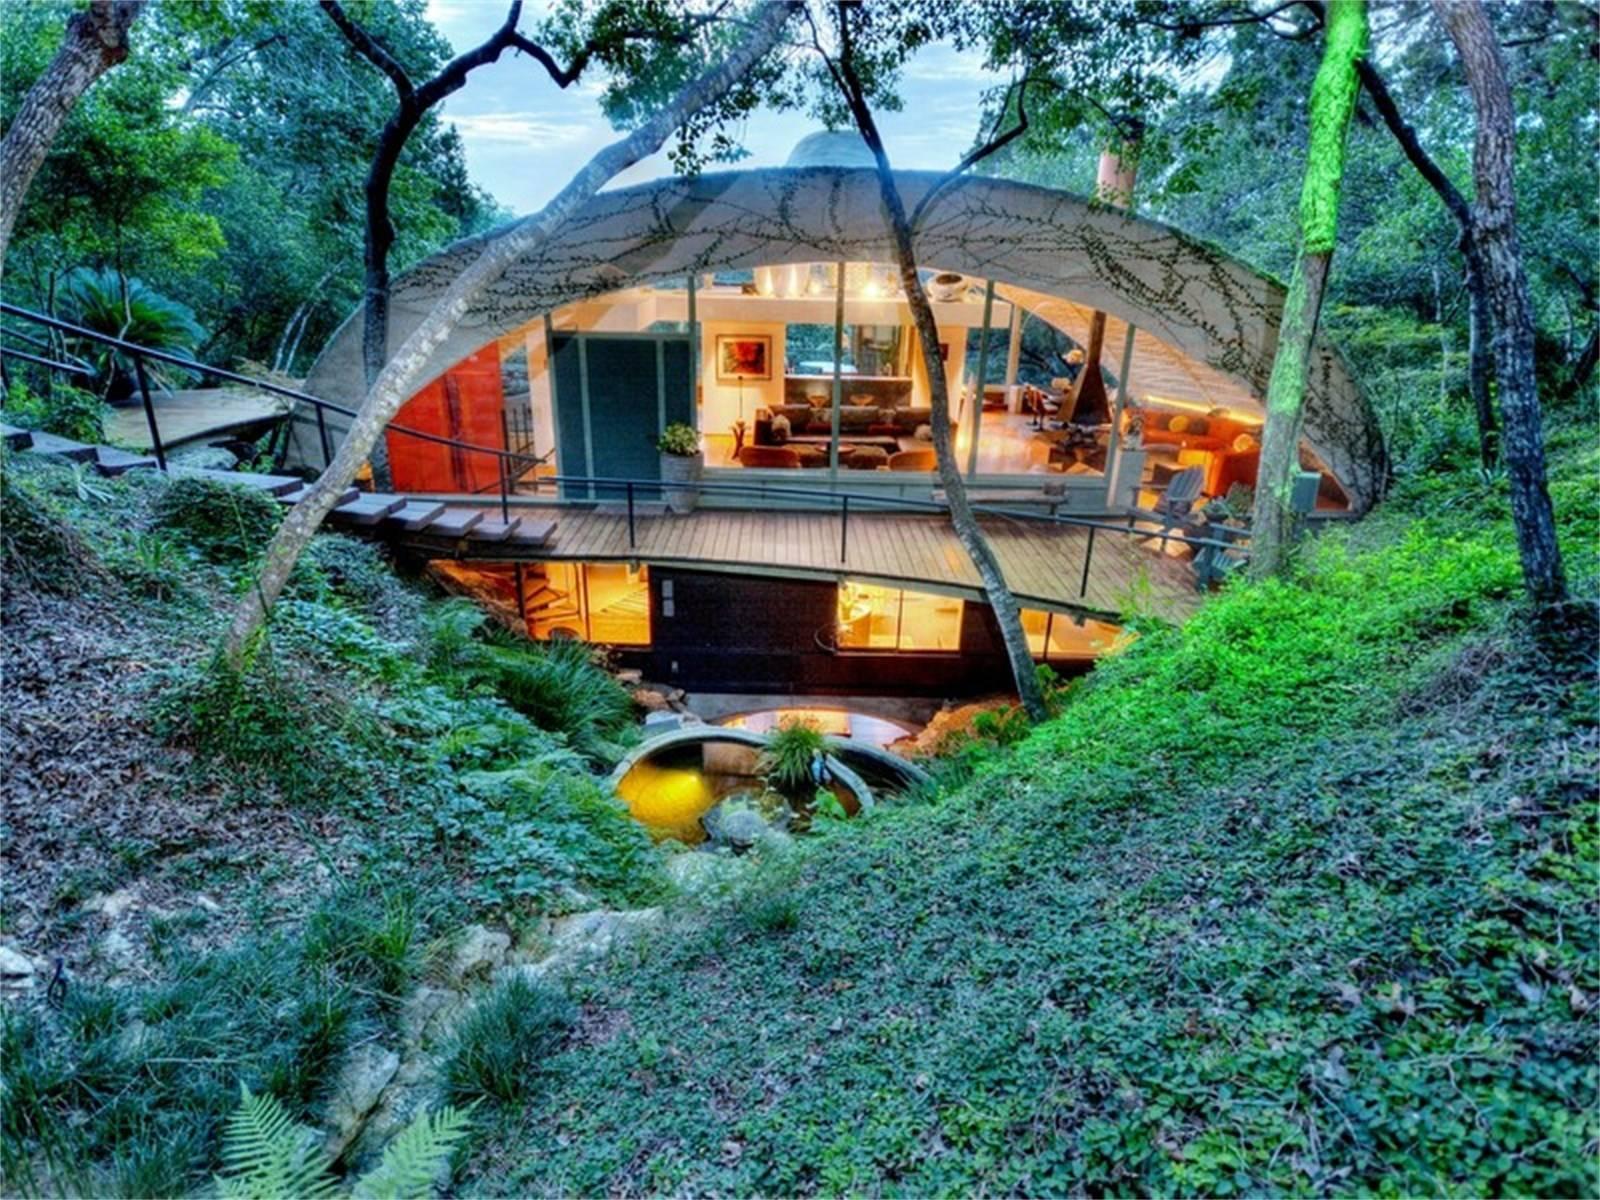 Austin Grotto Dome Home